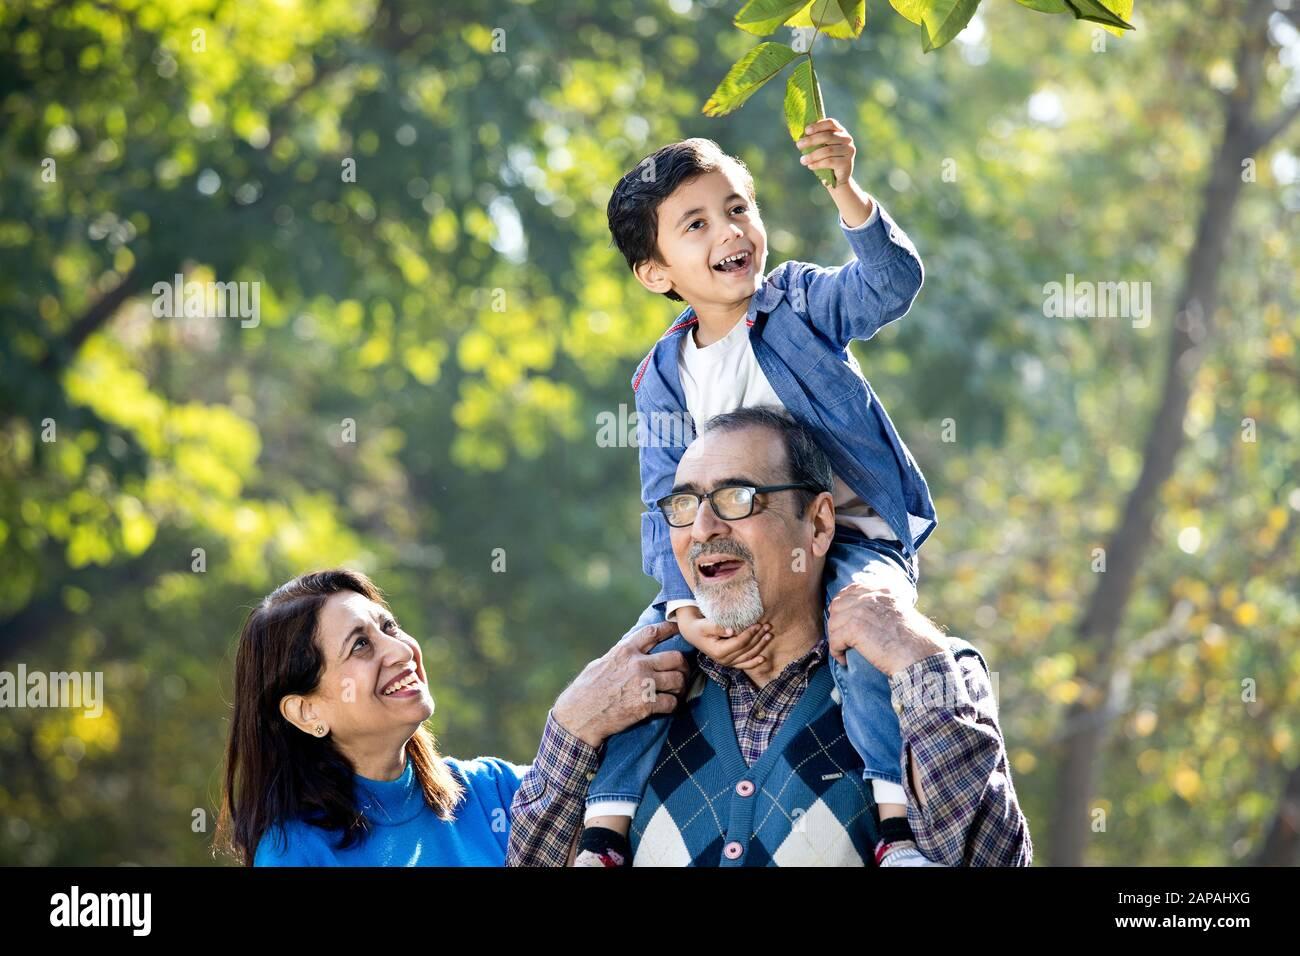 Großmutter mit Enkel sitzt auf der Schulter des Großvaters im Park Stockfoto